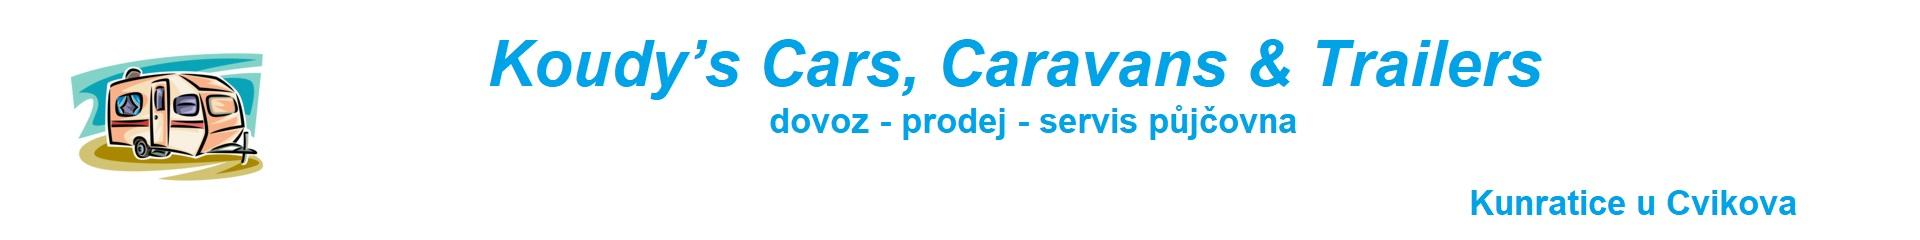 Koudy's Cars, Caravans & Trailers